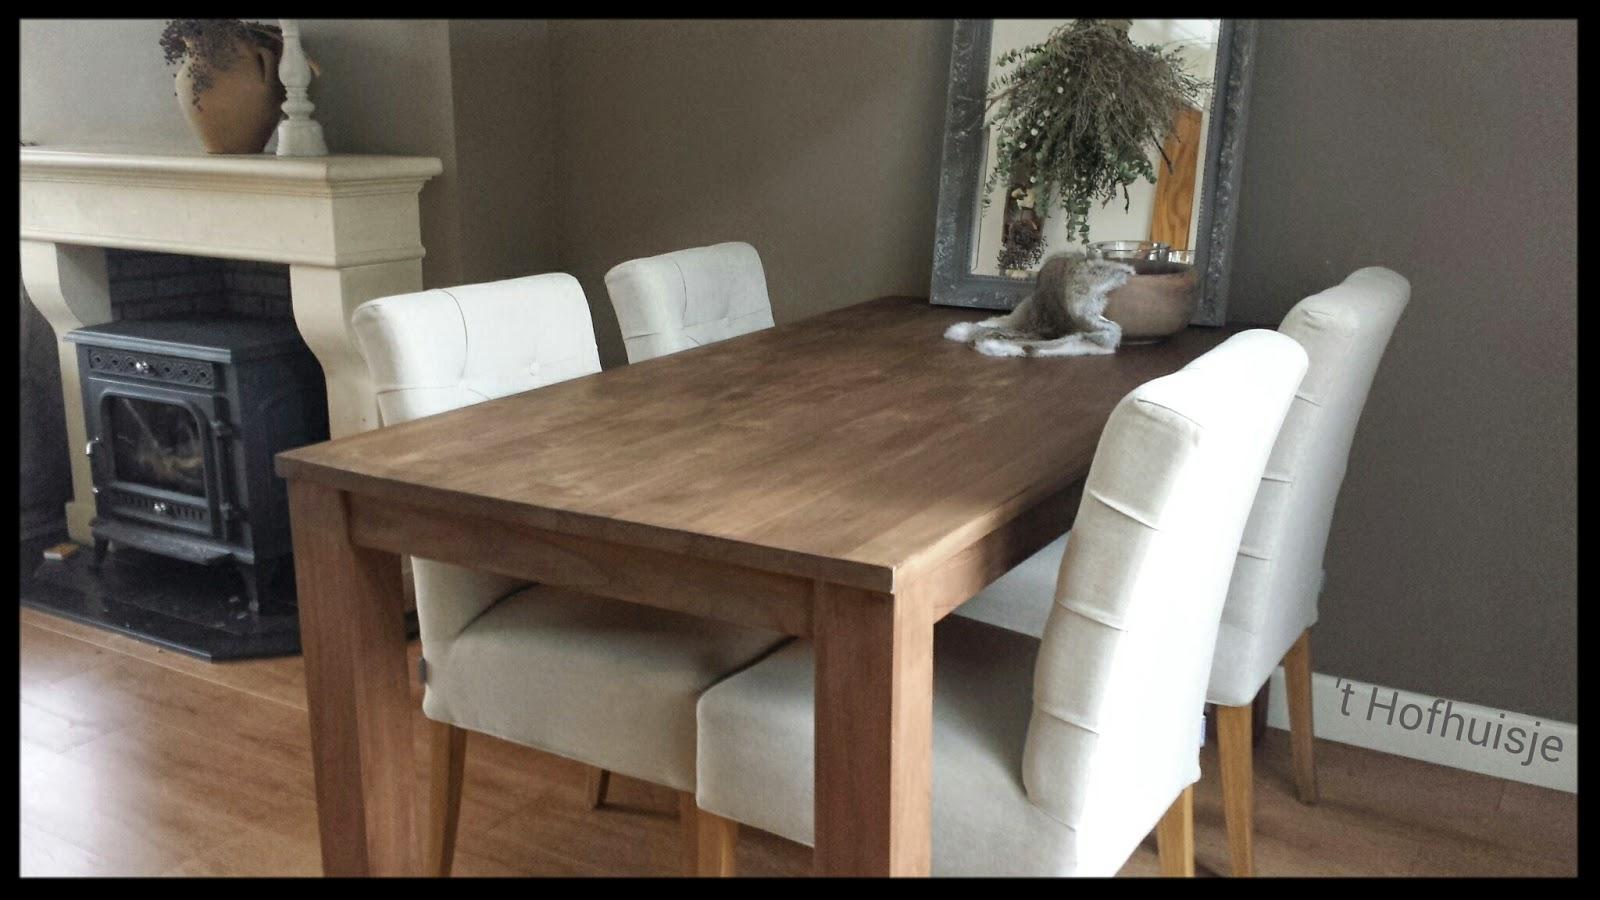 T hofhuisje : teakhouten tafels behandeld met loogbeits en